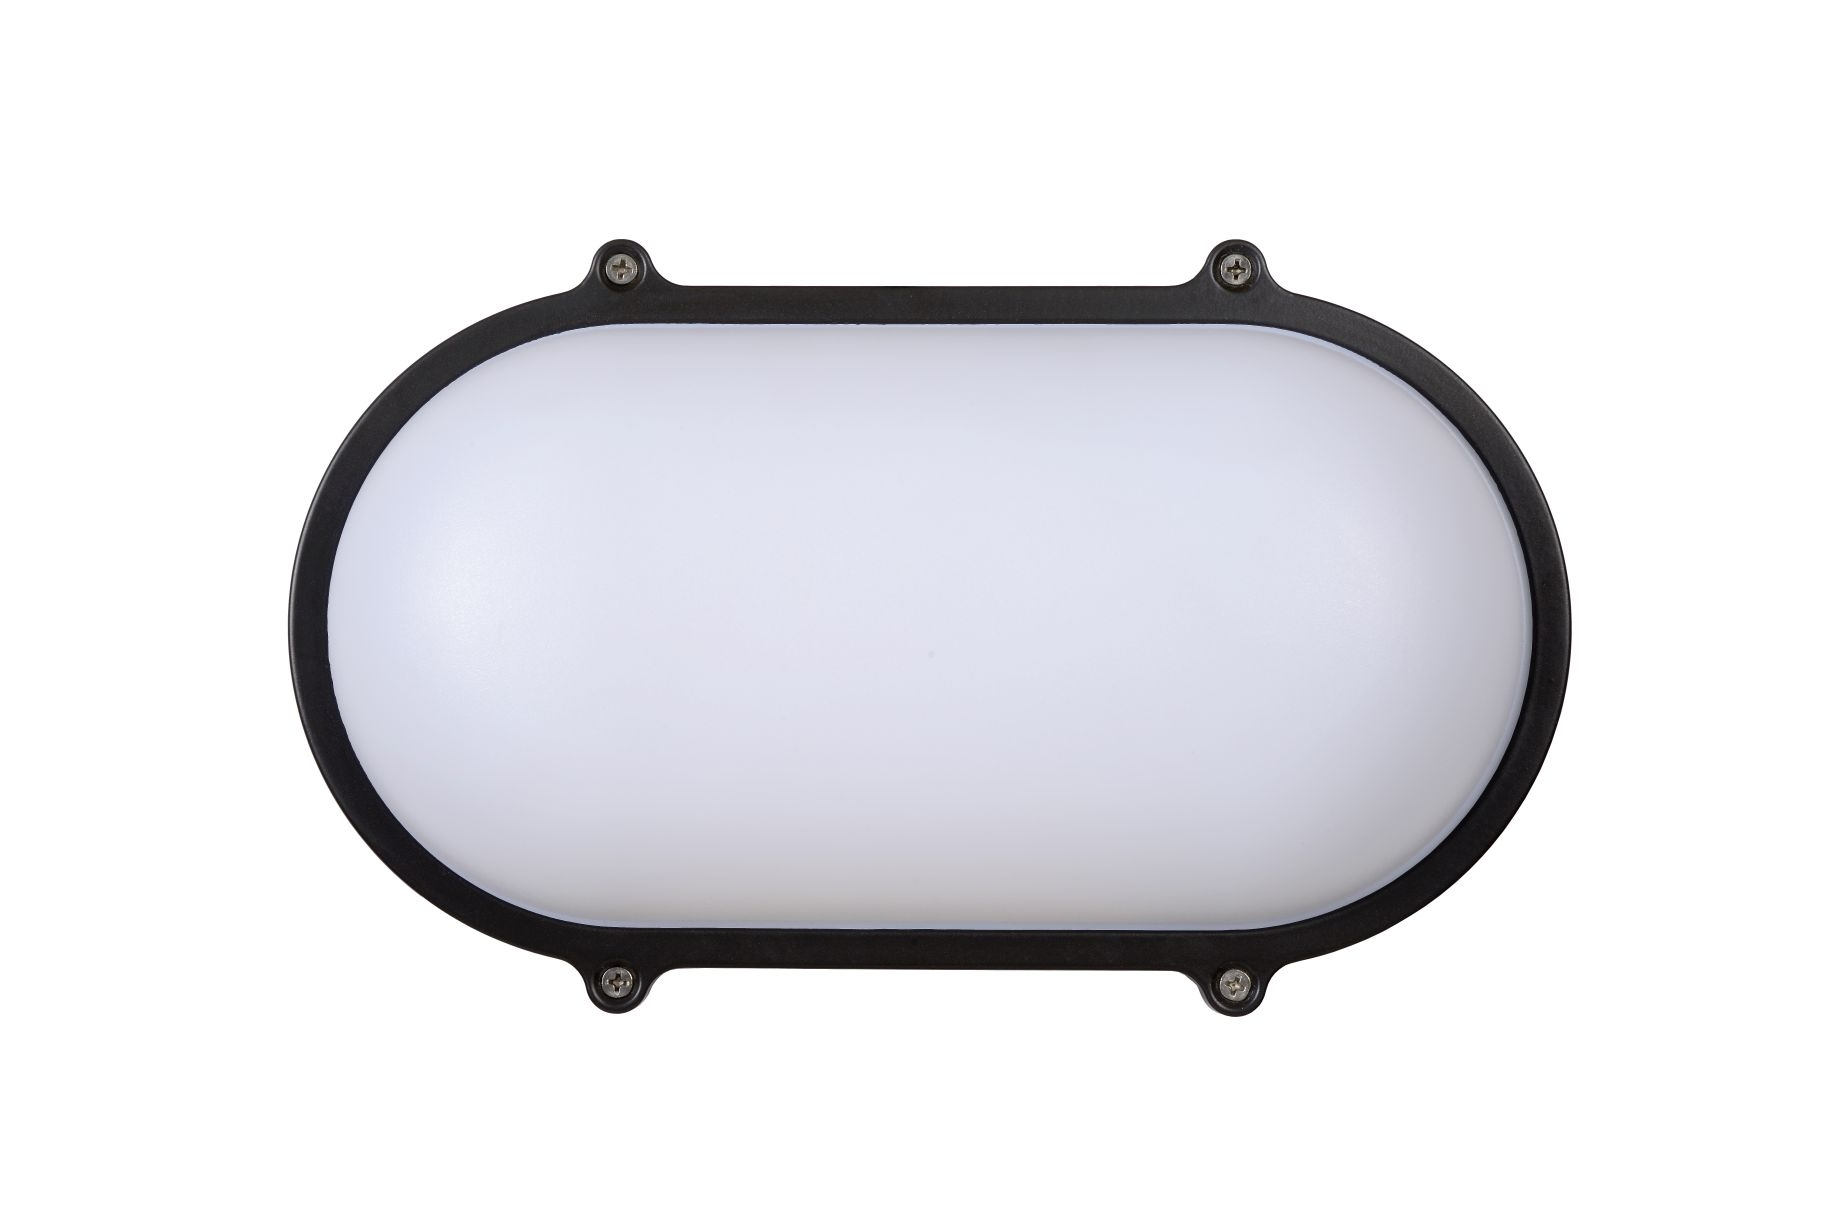 14811/20/36 Уличный настенно-потолочный светодиодный светильник Lucide HUBLOT-LED